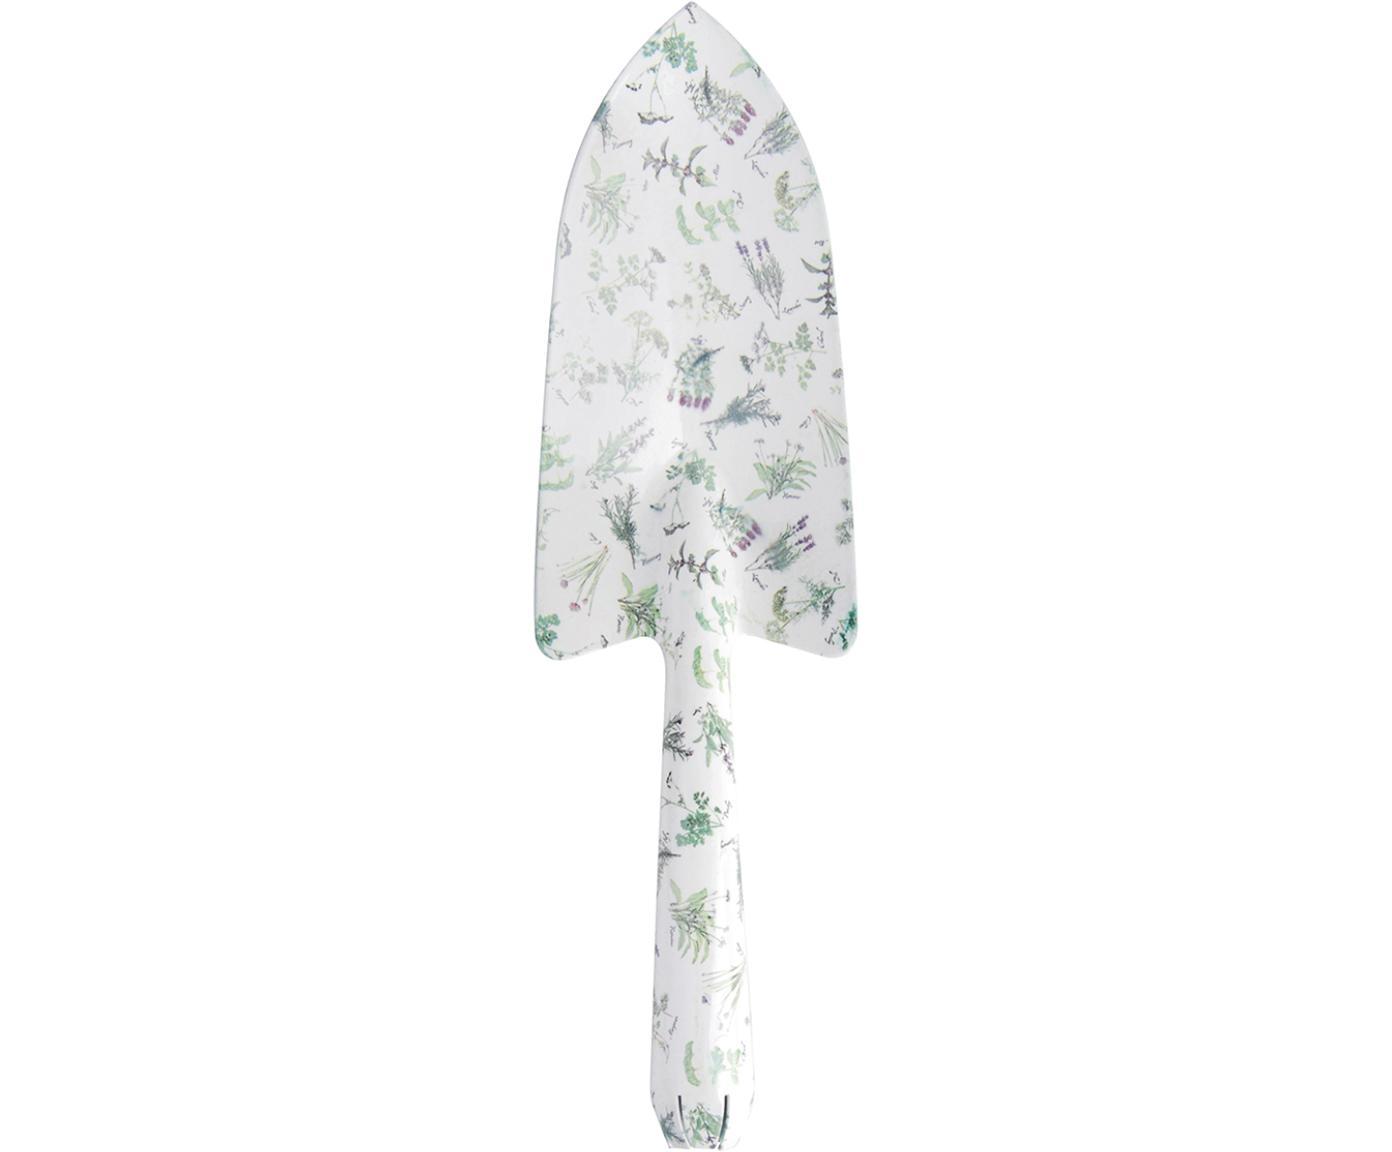 Spatola da giardinaggio Herbs, Acciaio, Bianco, verde, Larg. 8 x Alt. 28 cm